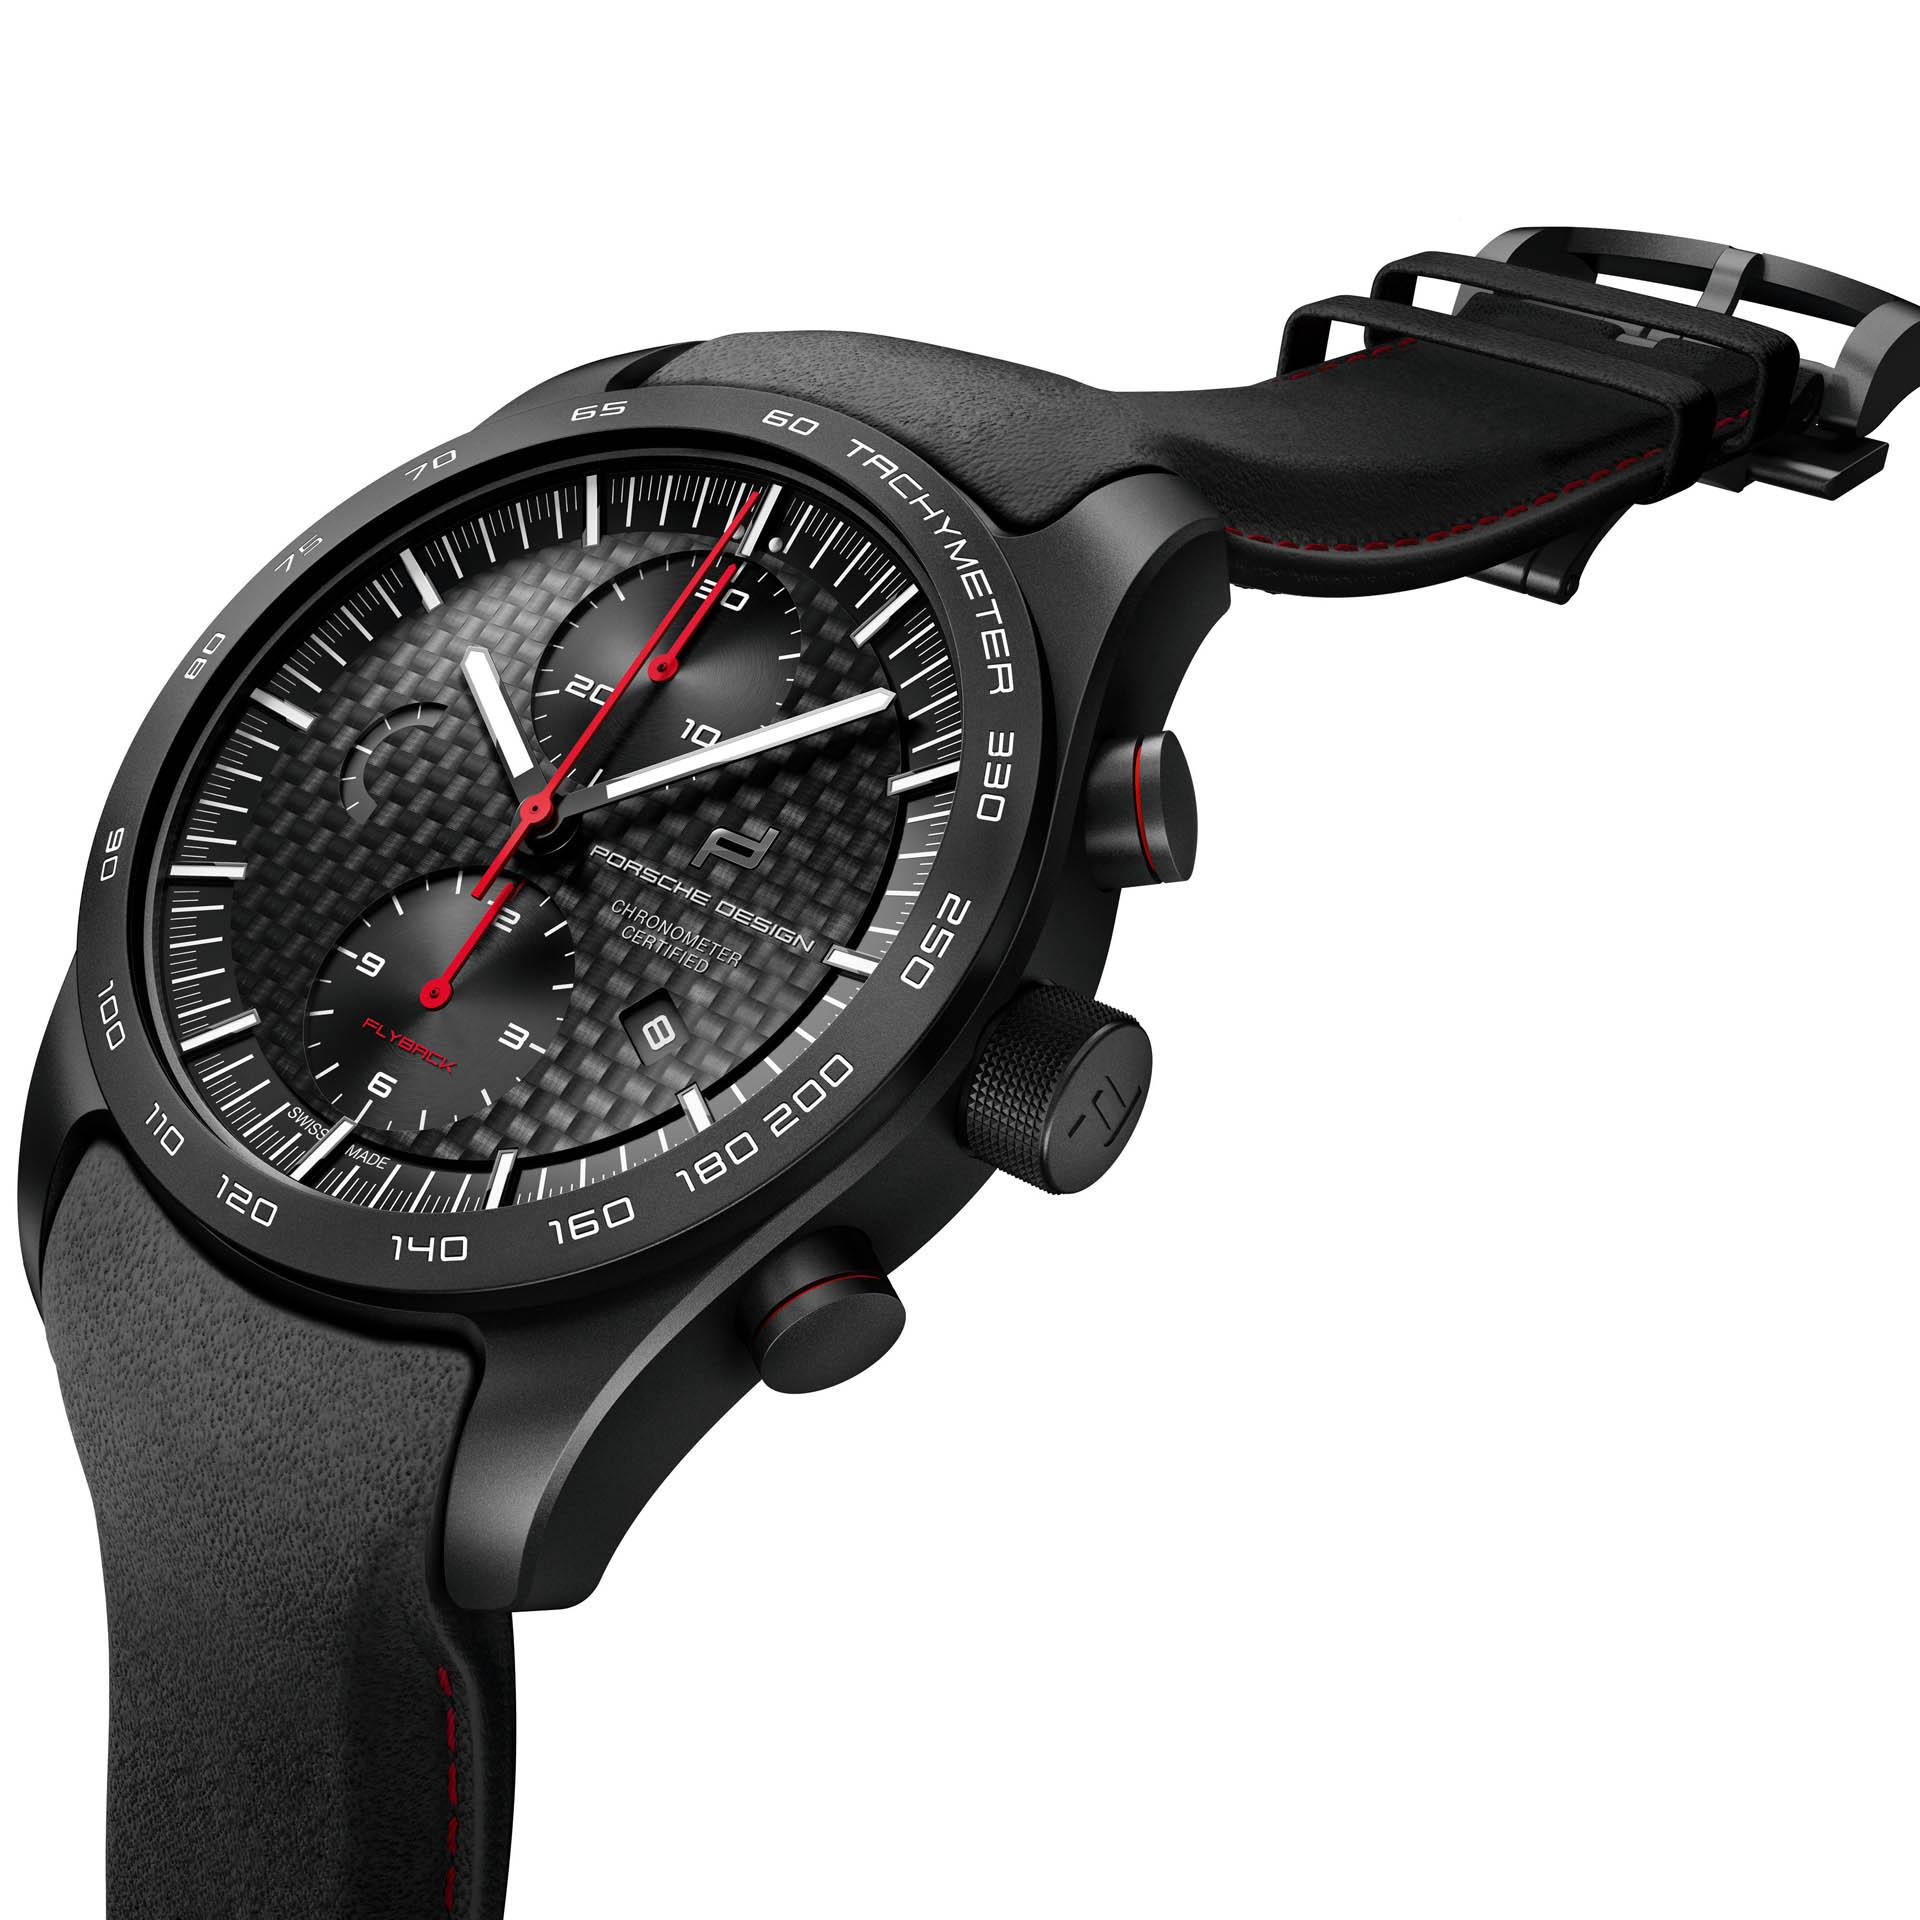 0b9f2a97866 Porsche Design lança nova linha de relógios! - Carzoom